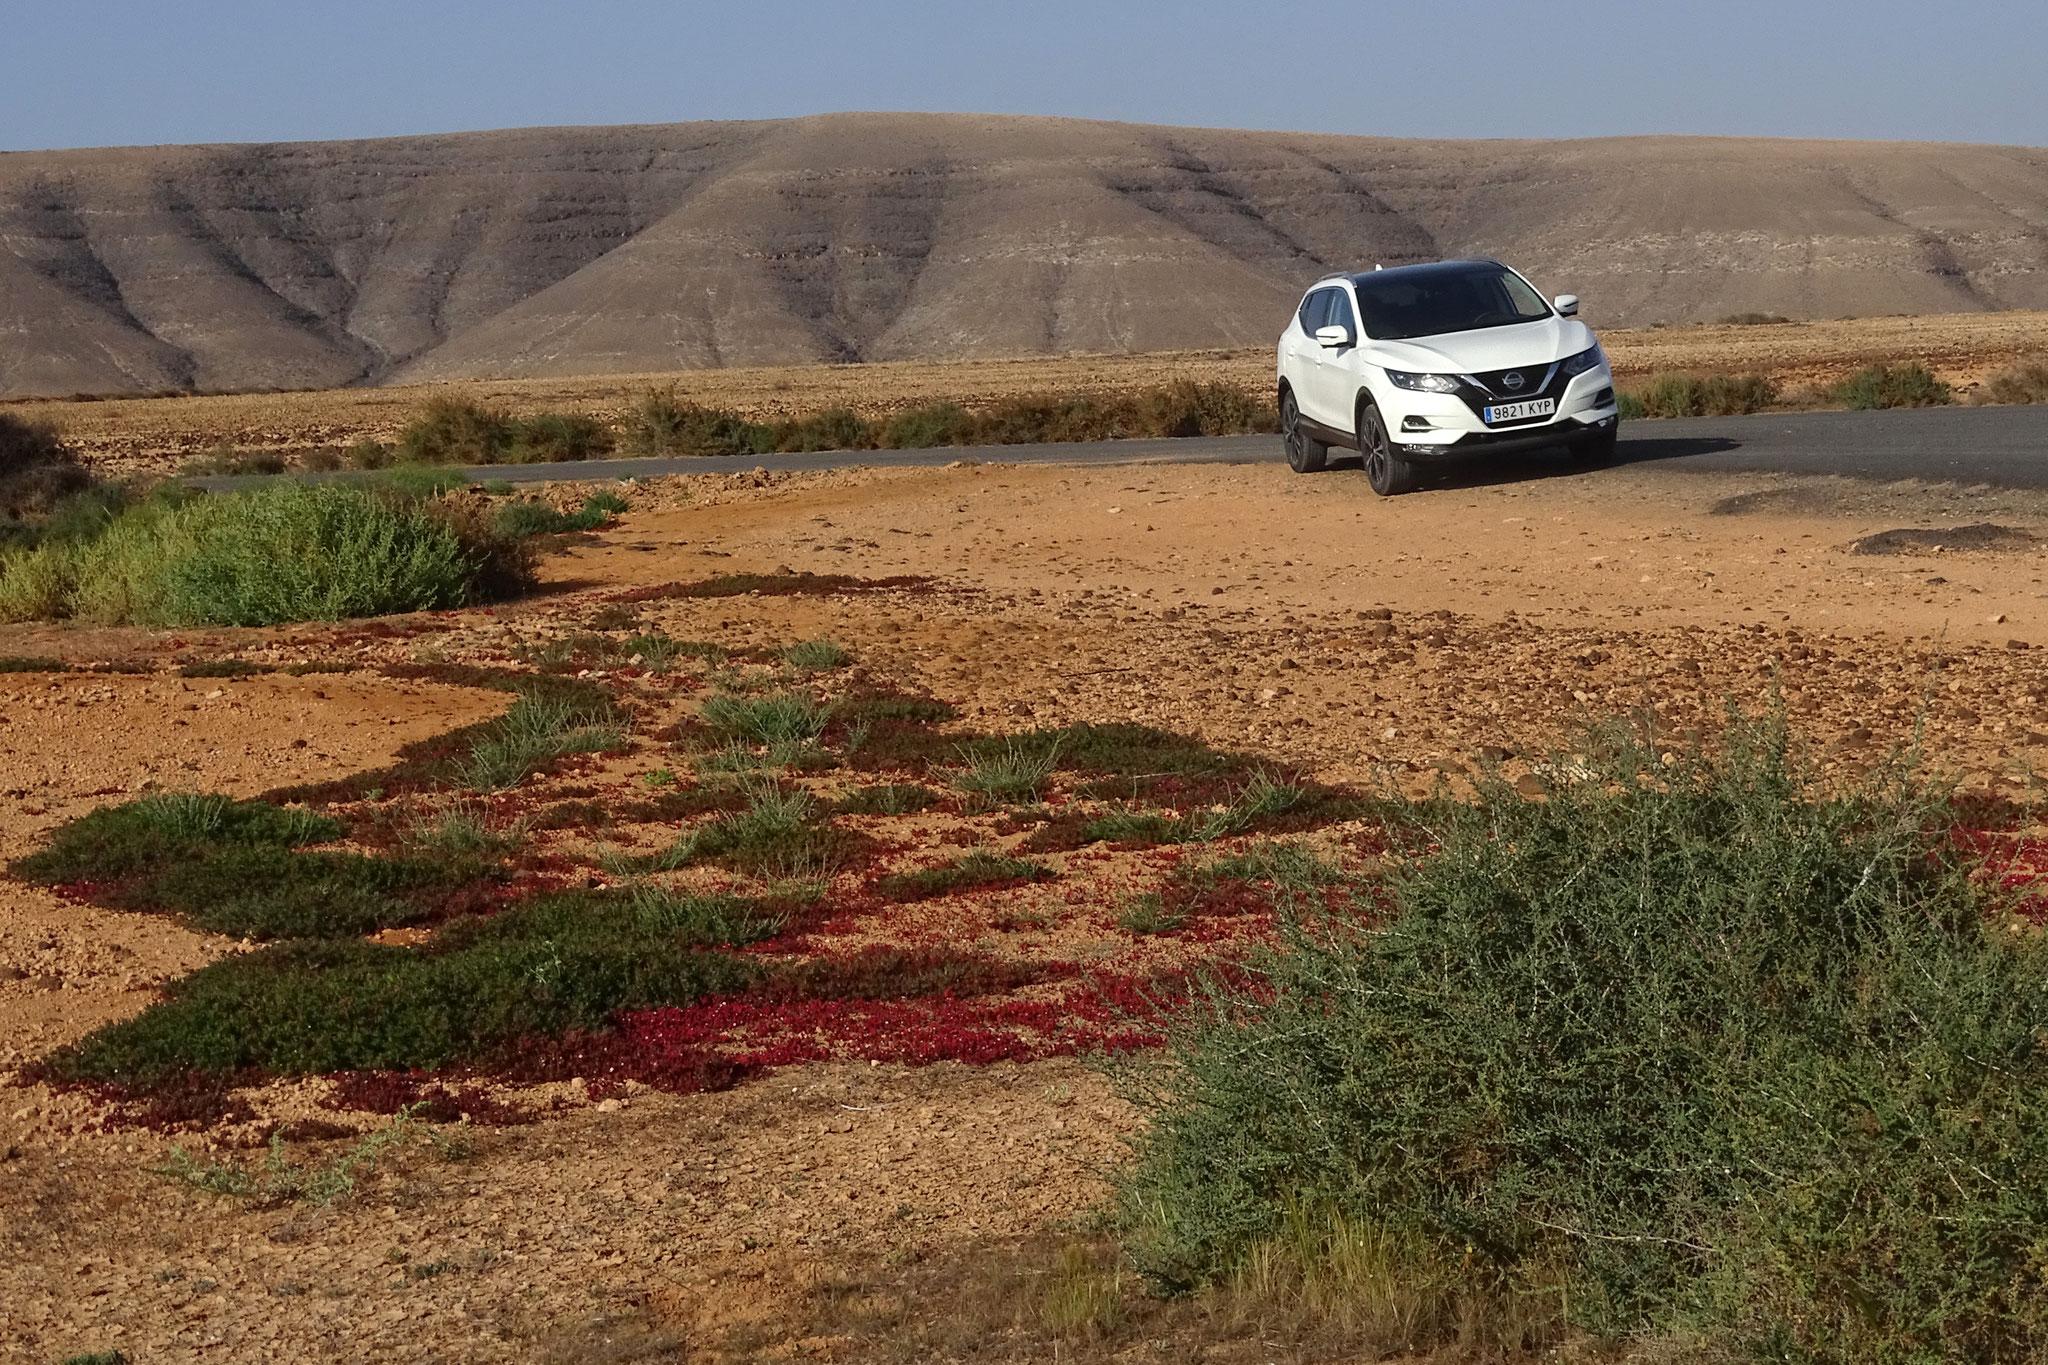 Ein Ausflug führte uns ins Valle de Fimapaire. Anders als in der Tindaya-Halbwüste zeigen sich dort bereits die roten Teppiche, ...